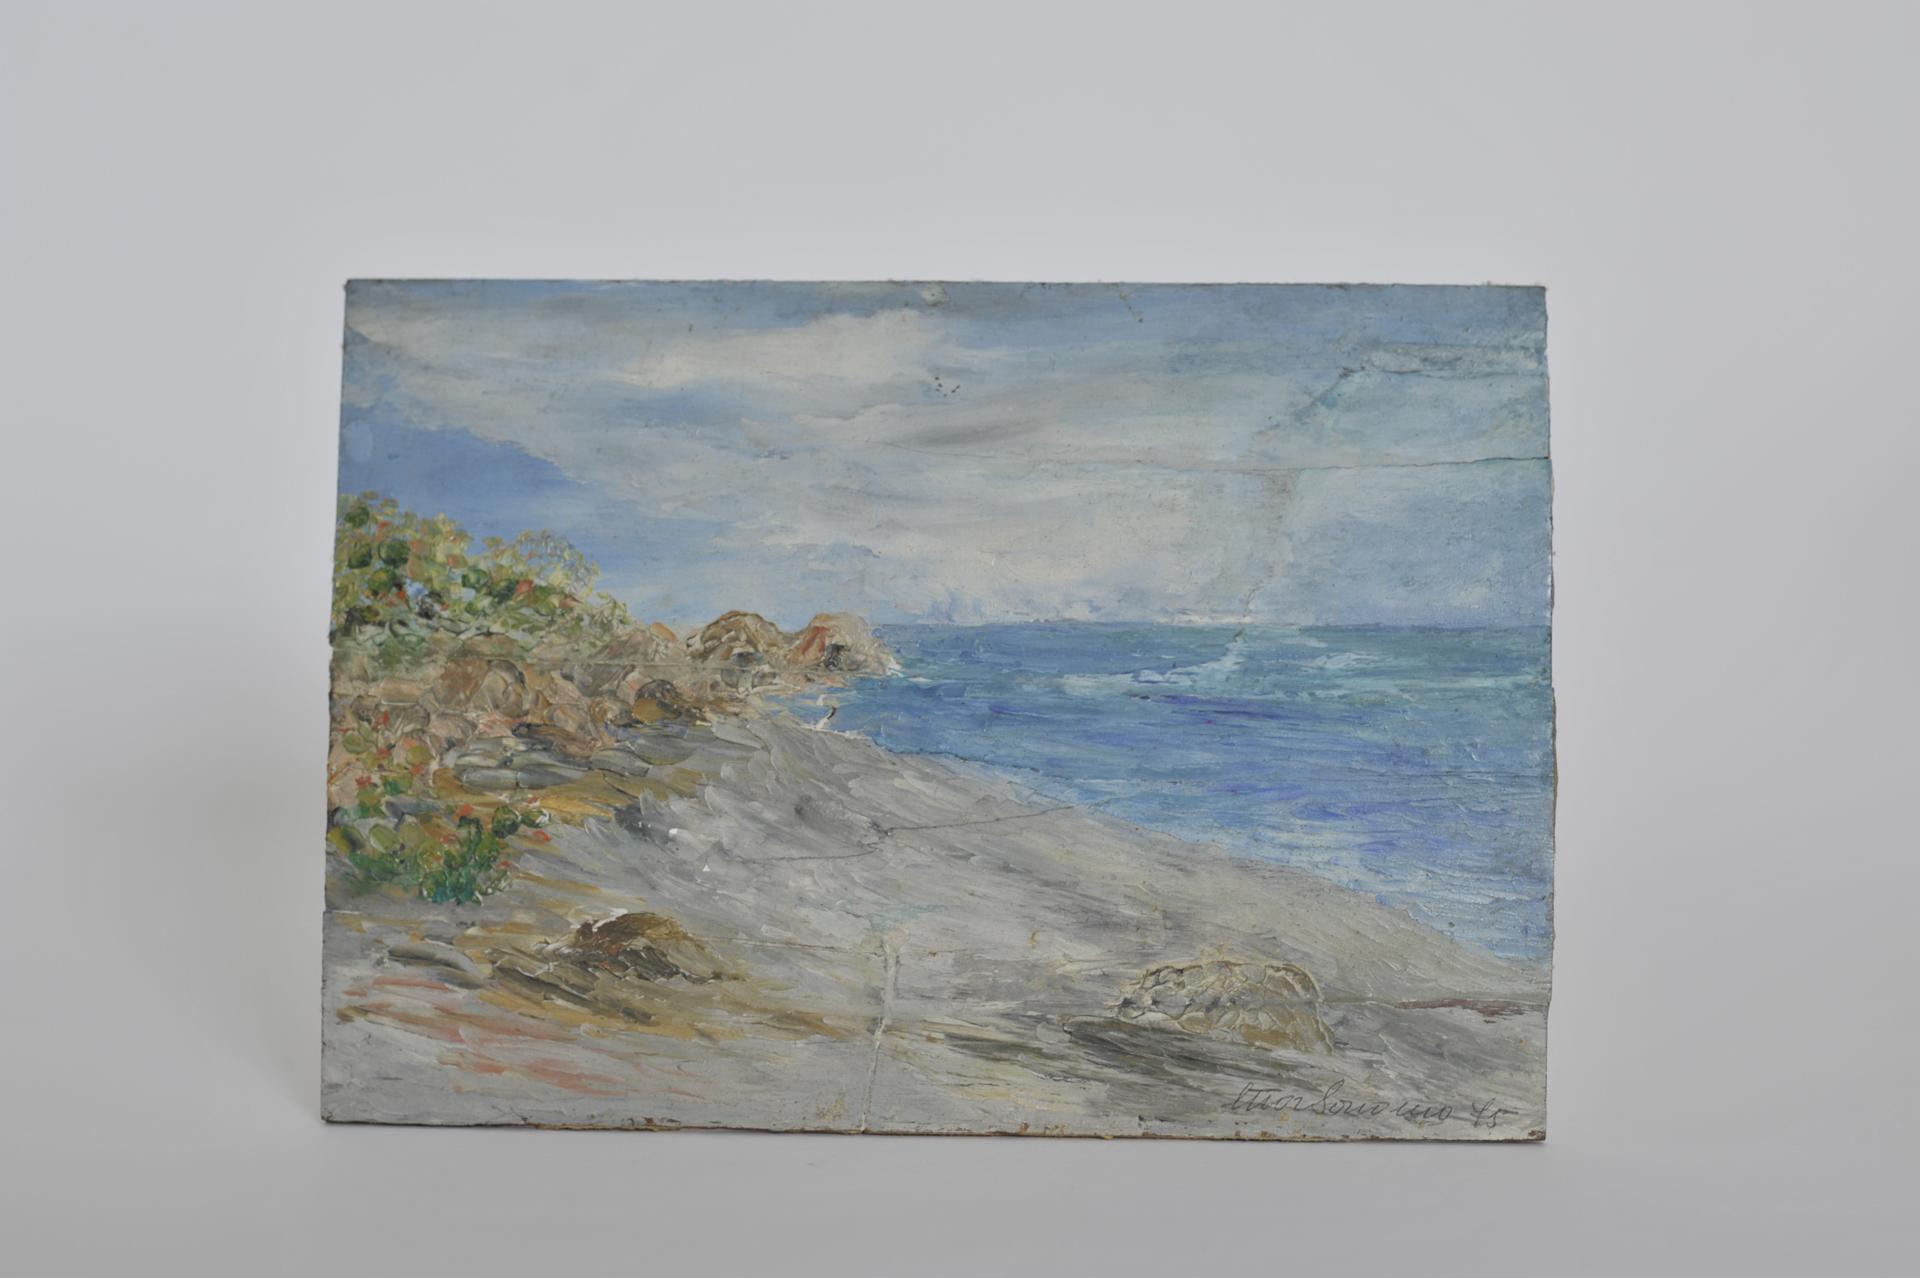 21. paesaggio marino ad olio